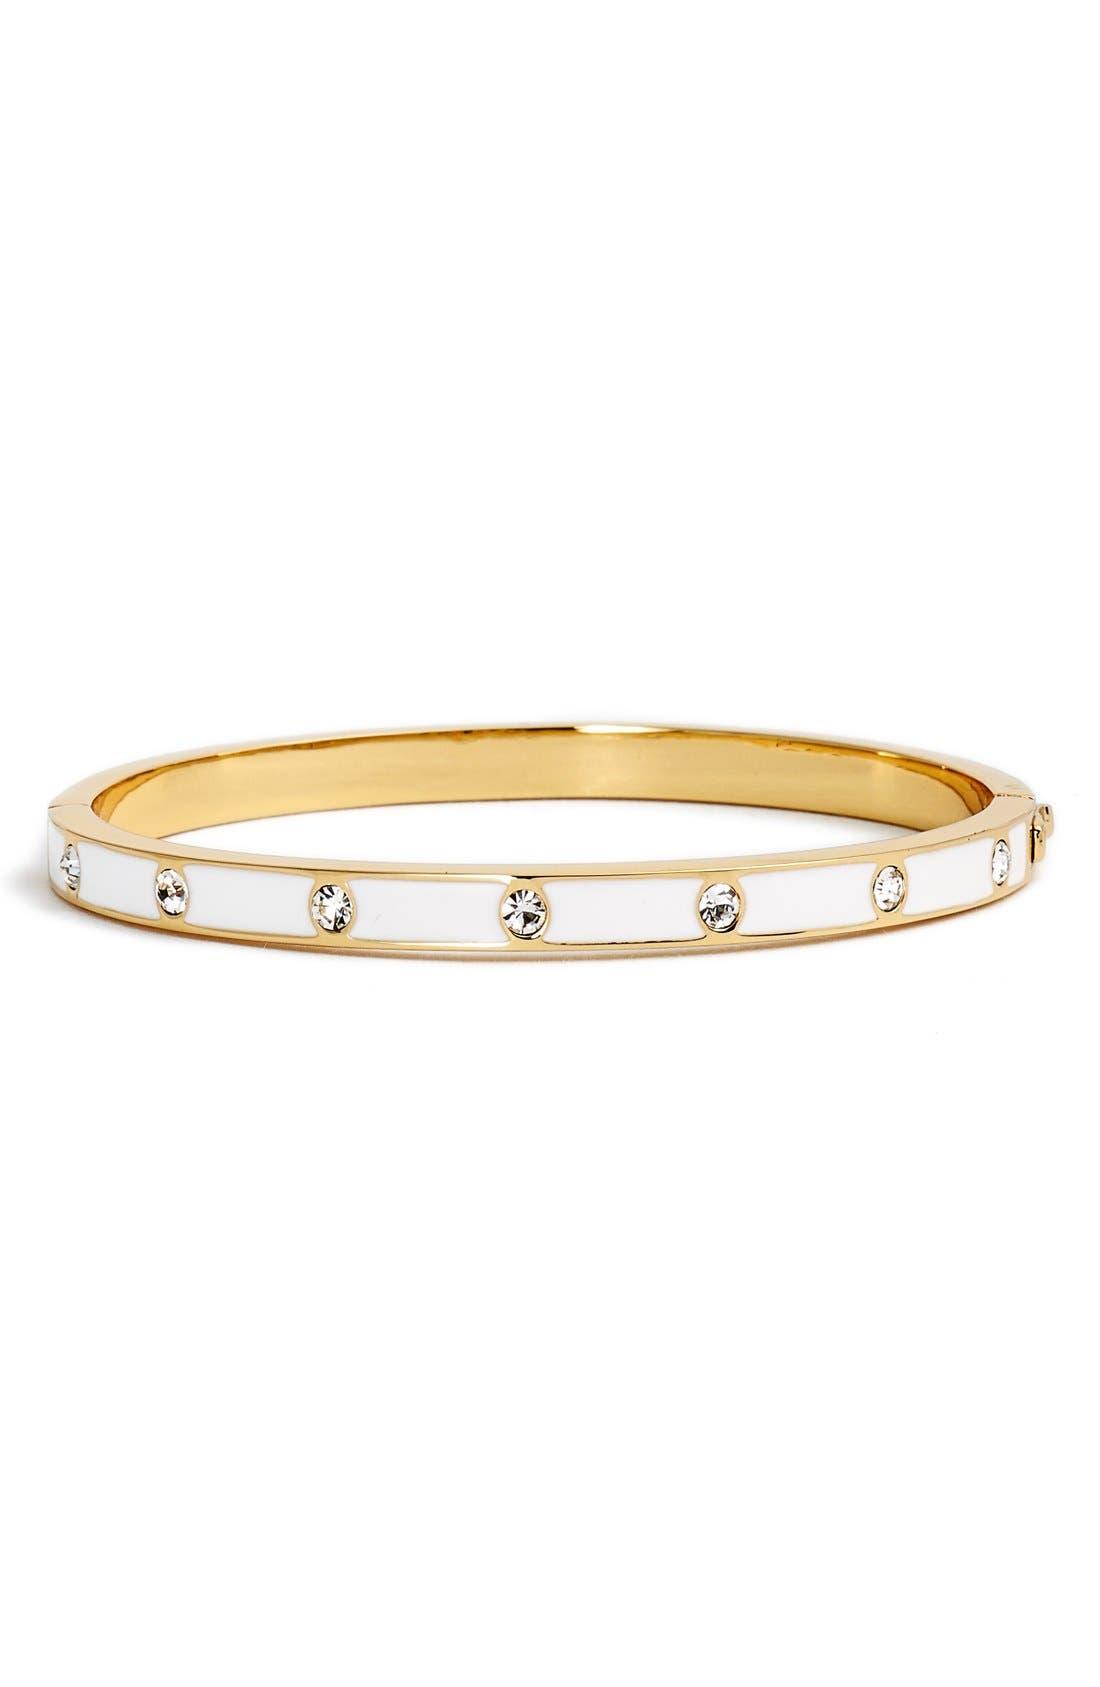 crystal & enamel hinge bangle,                         Main,                         color, White